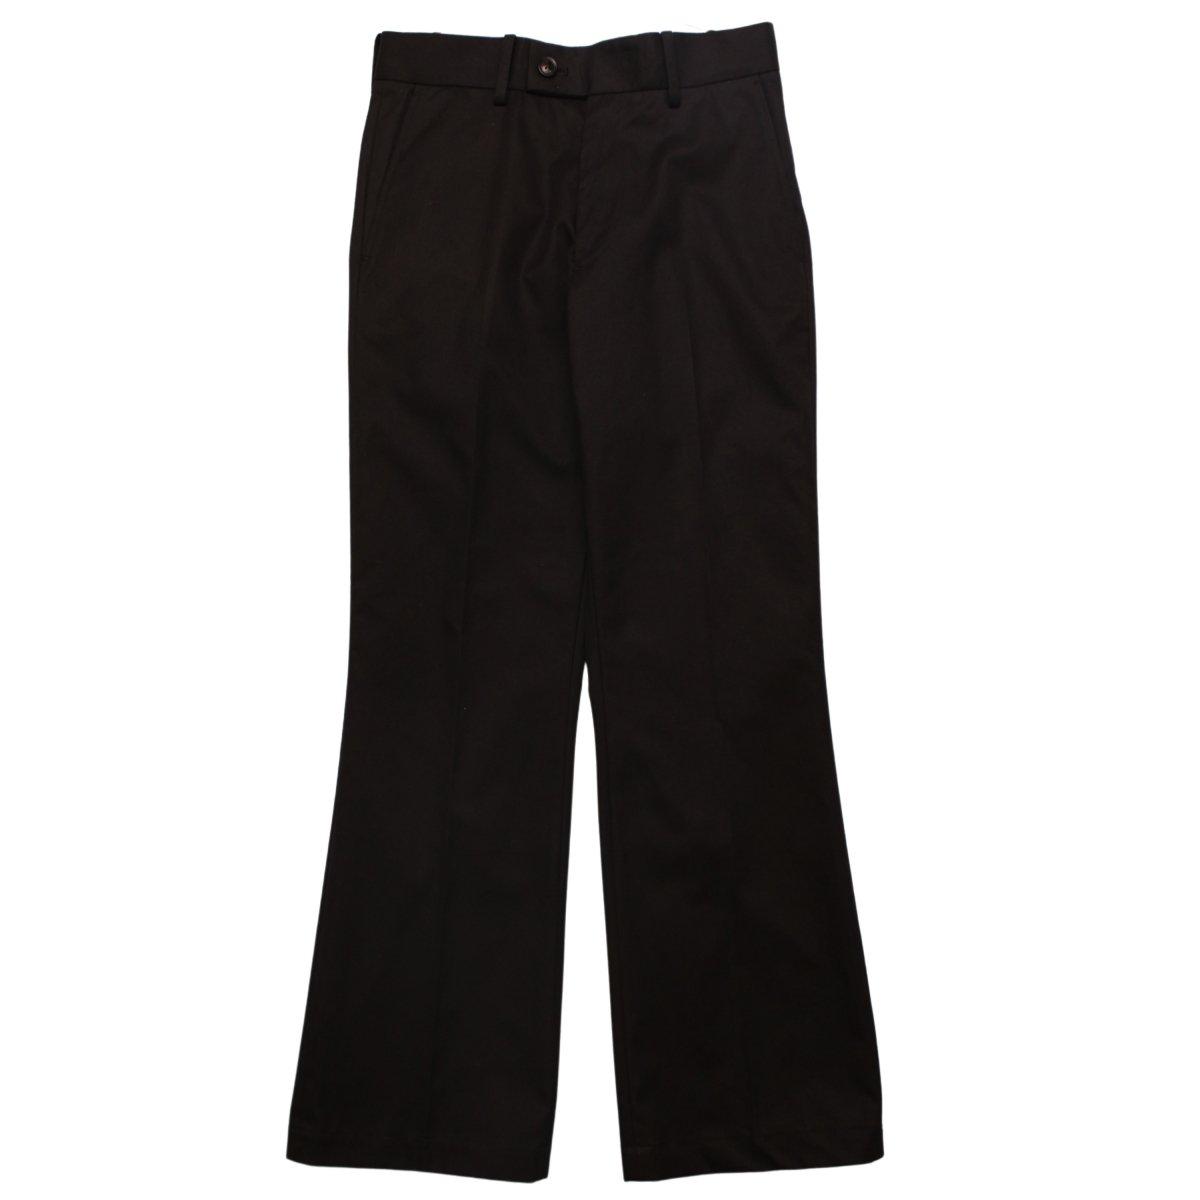 olmetex semi flear pants